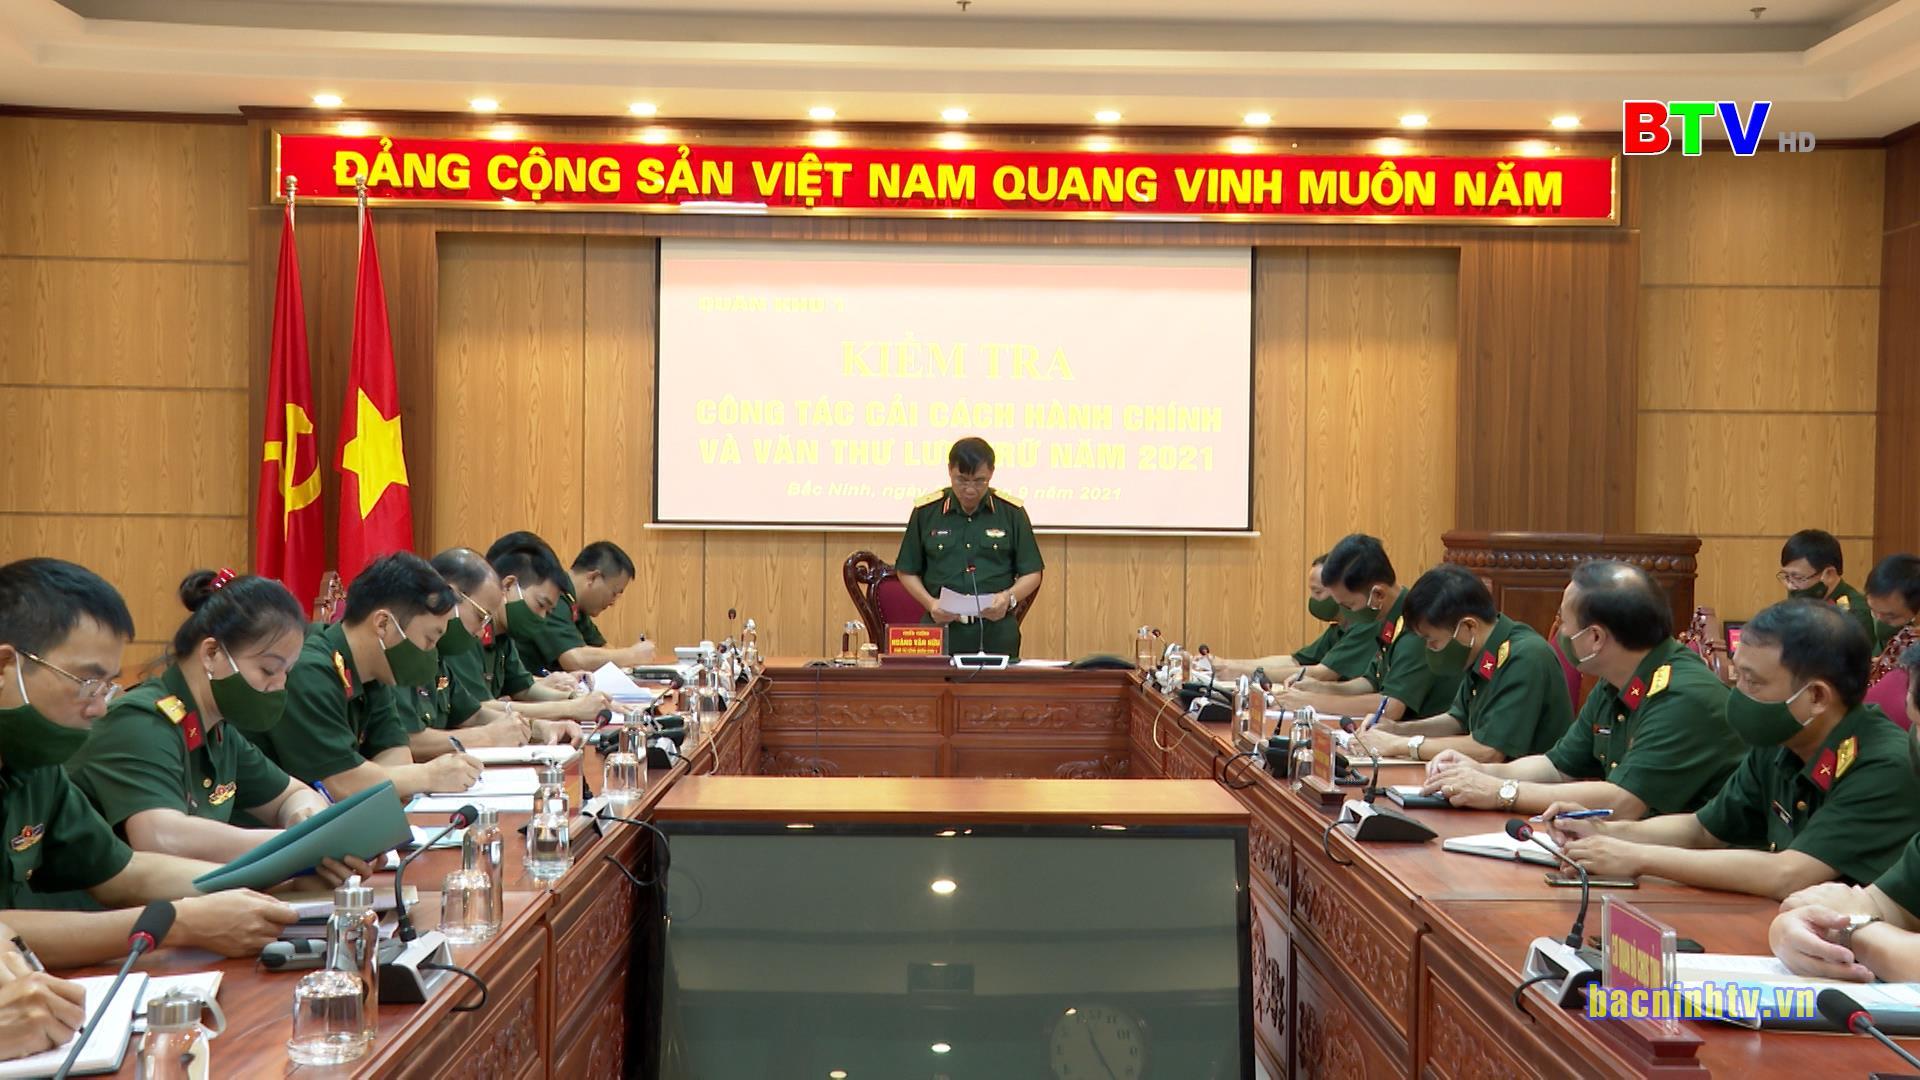 Quân khu 1 kiểm tra kết quả công tác cải cách hành chính và văn thư, lưu trữ tại Bộ Chỉ huy Quân sự tỉnh